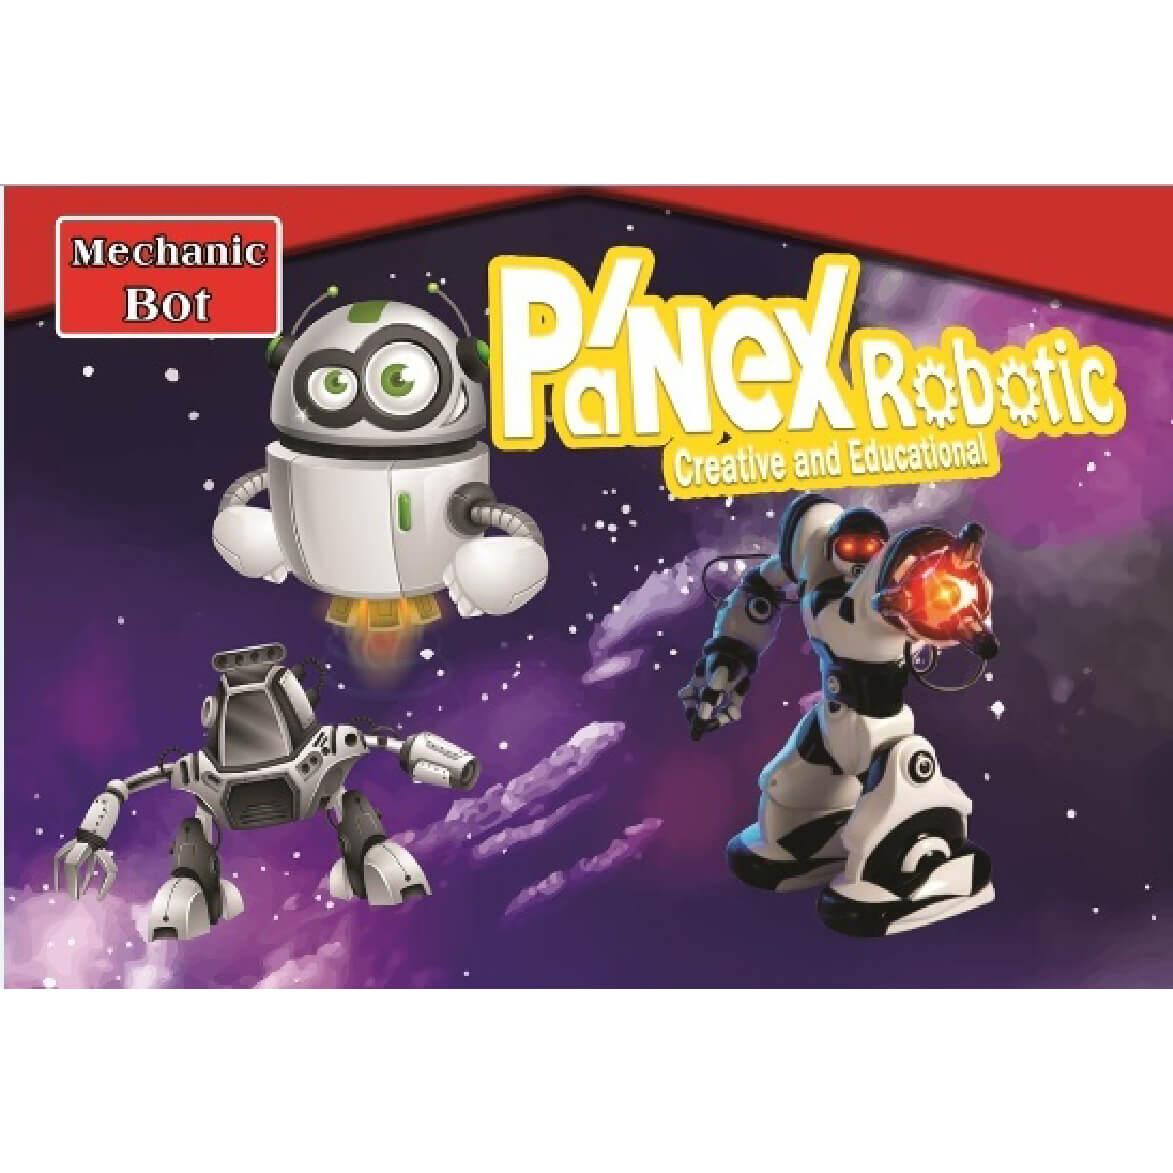 ربات مکانیک بات 1 (به همراه برد تغذیه) پانکس